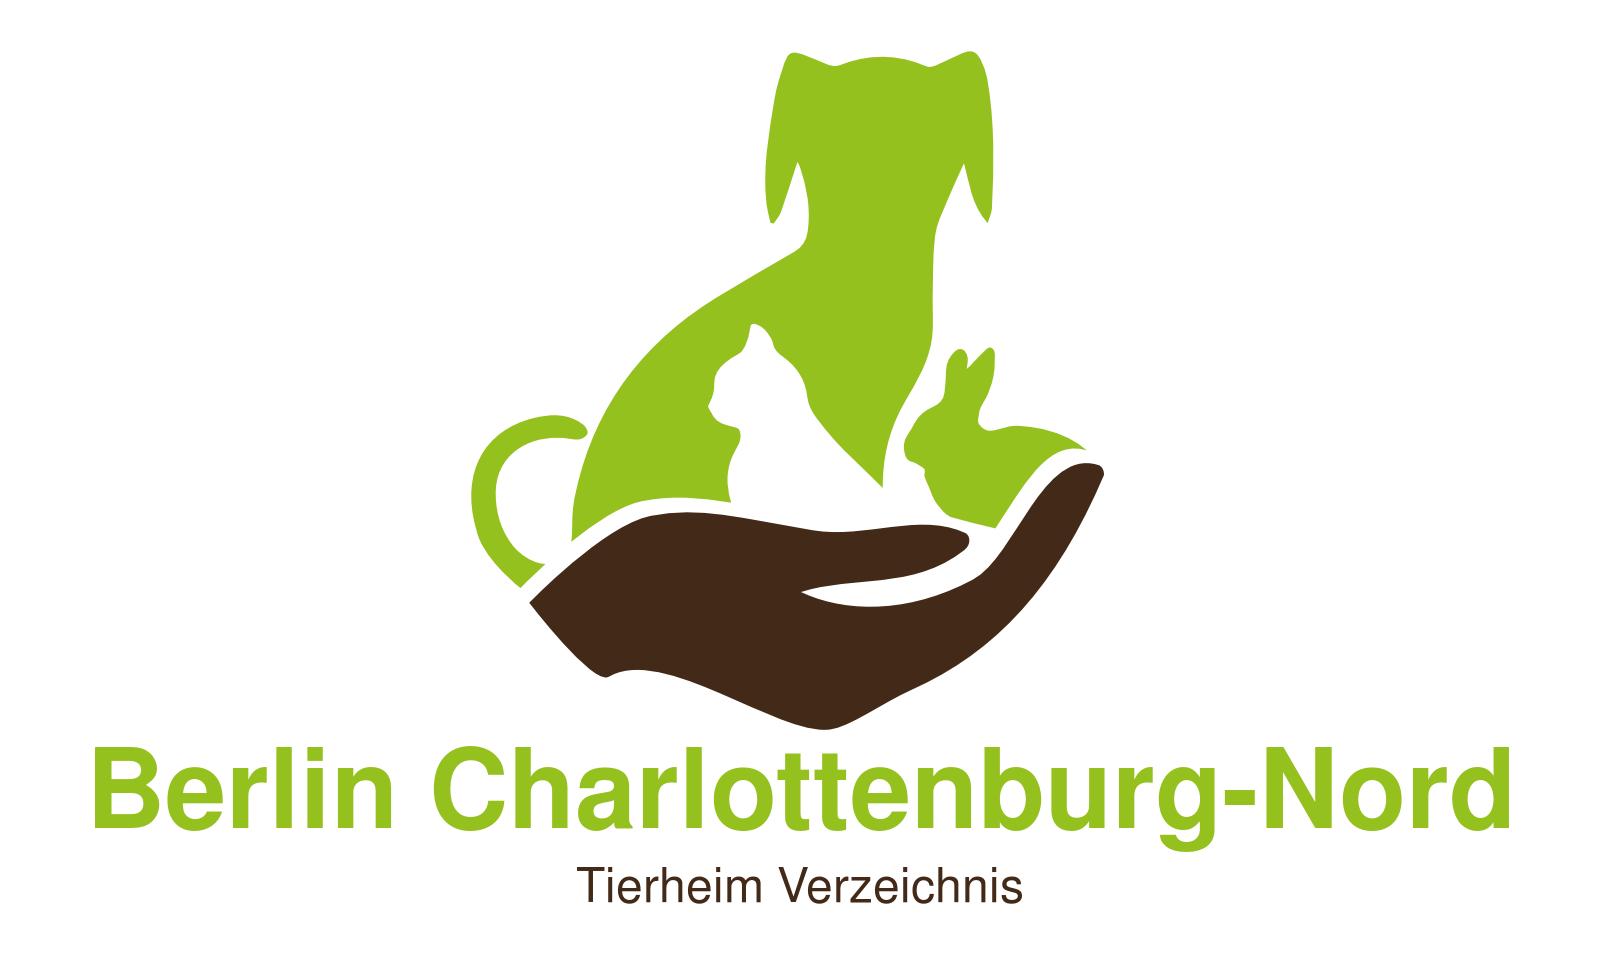 Tierheim Berlin Charlottenburg-Nord